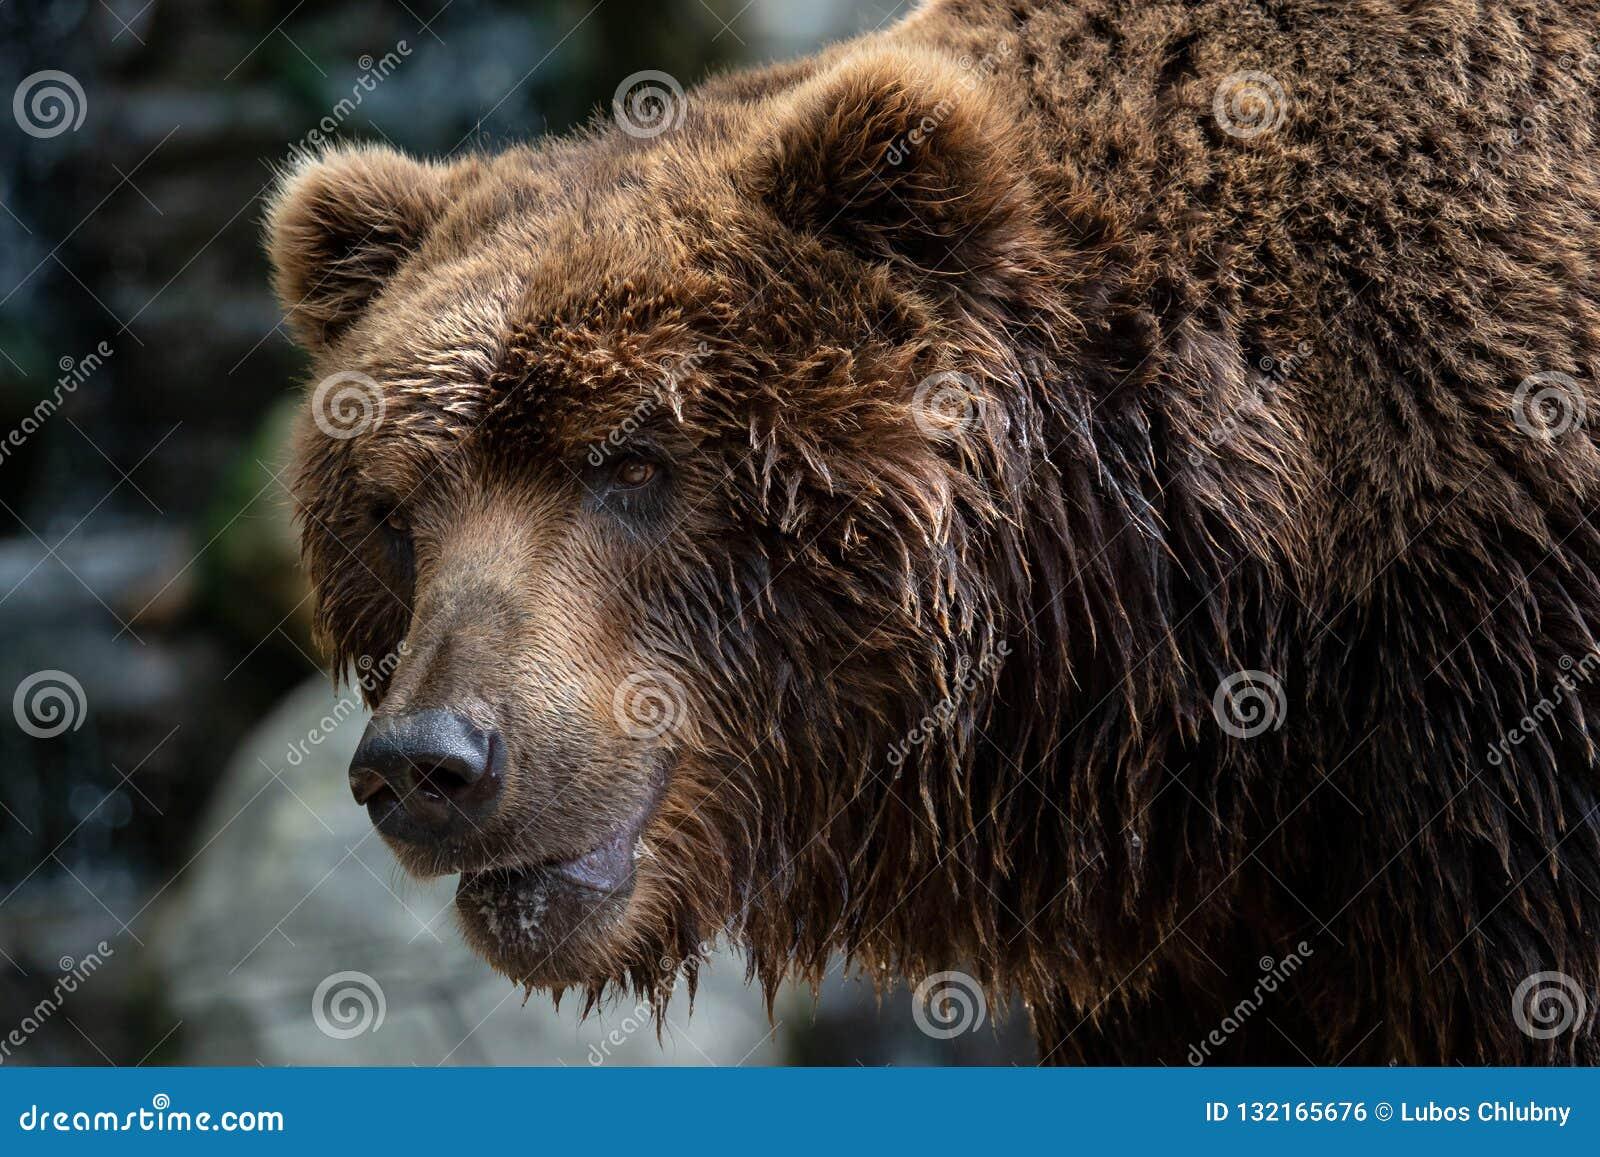 Вид спереди бурого медведя Портрет медведя Камчатка